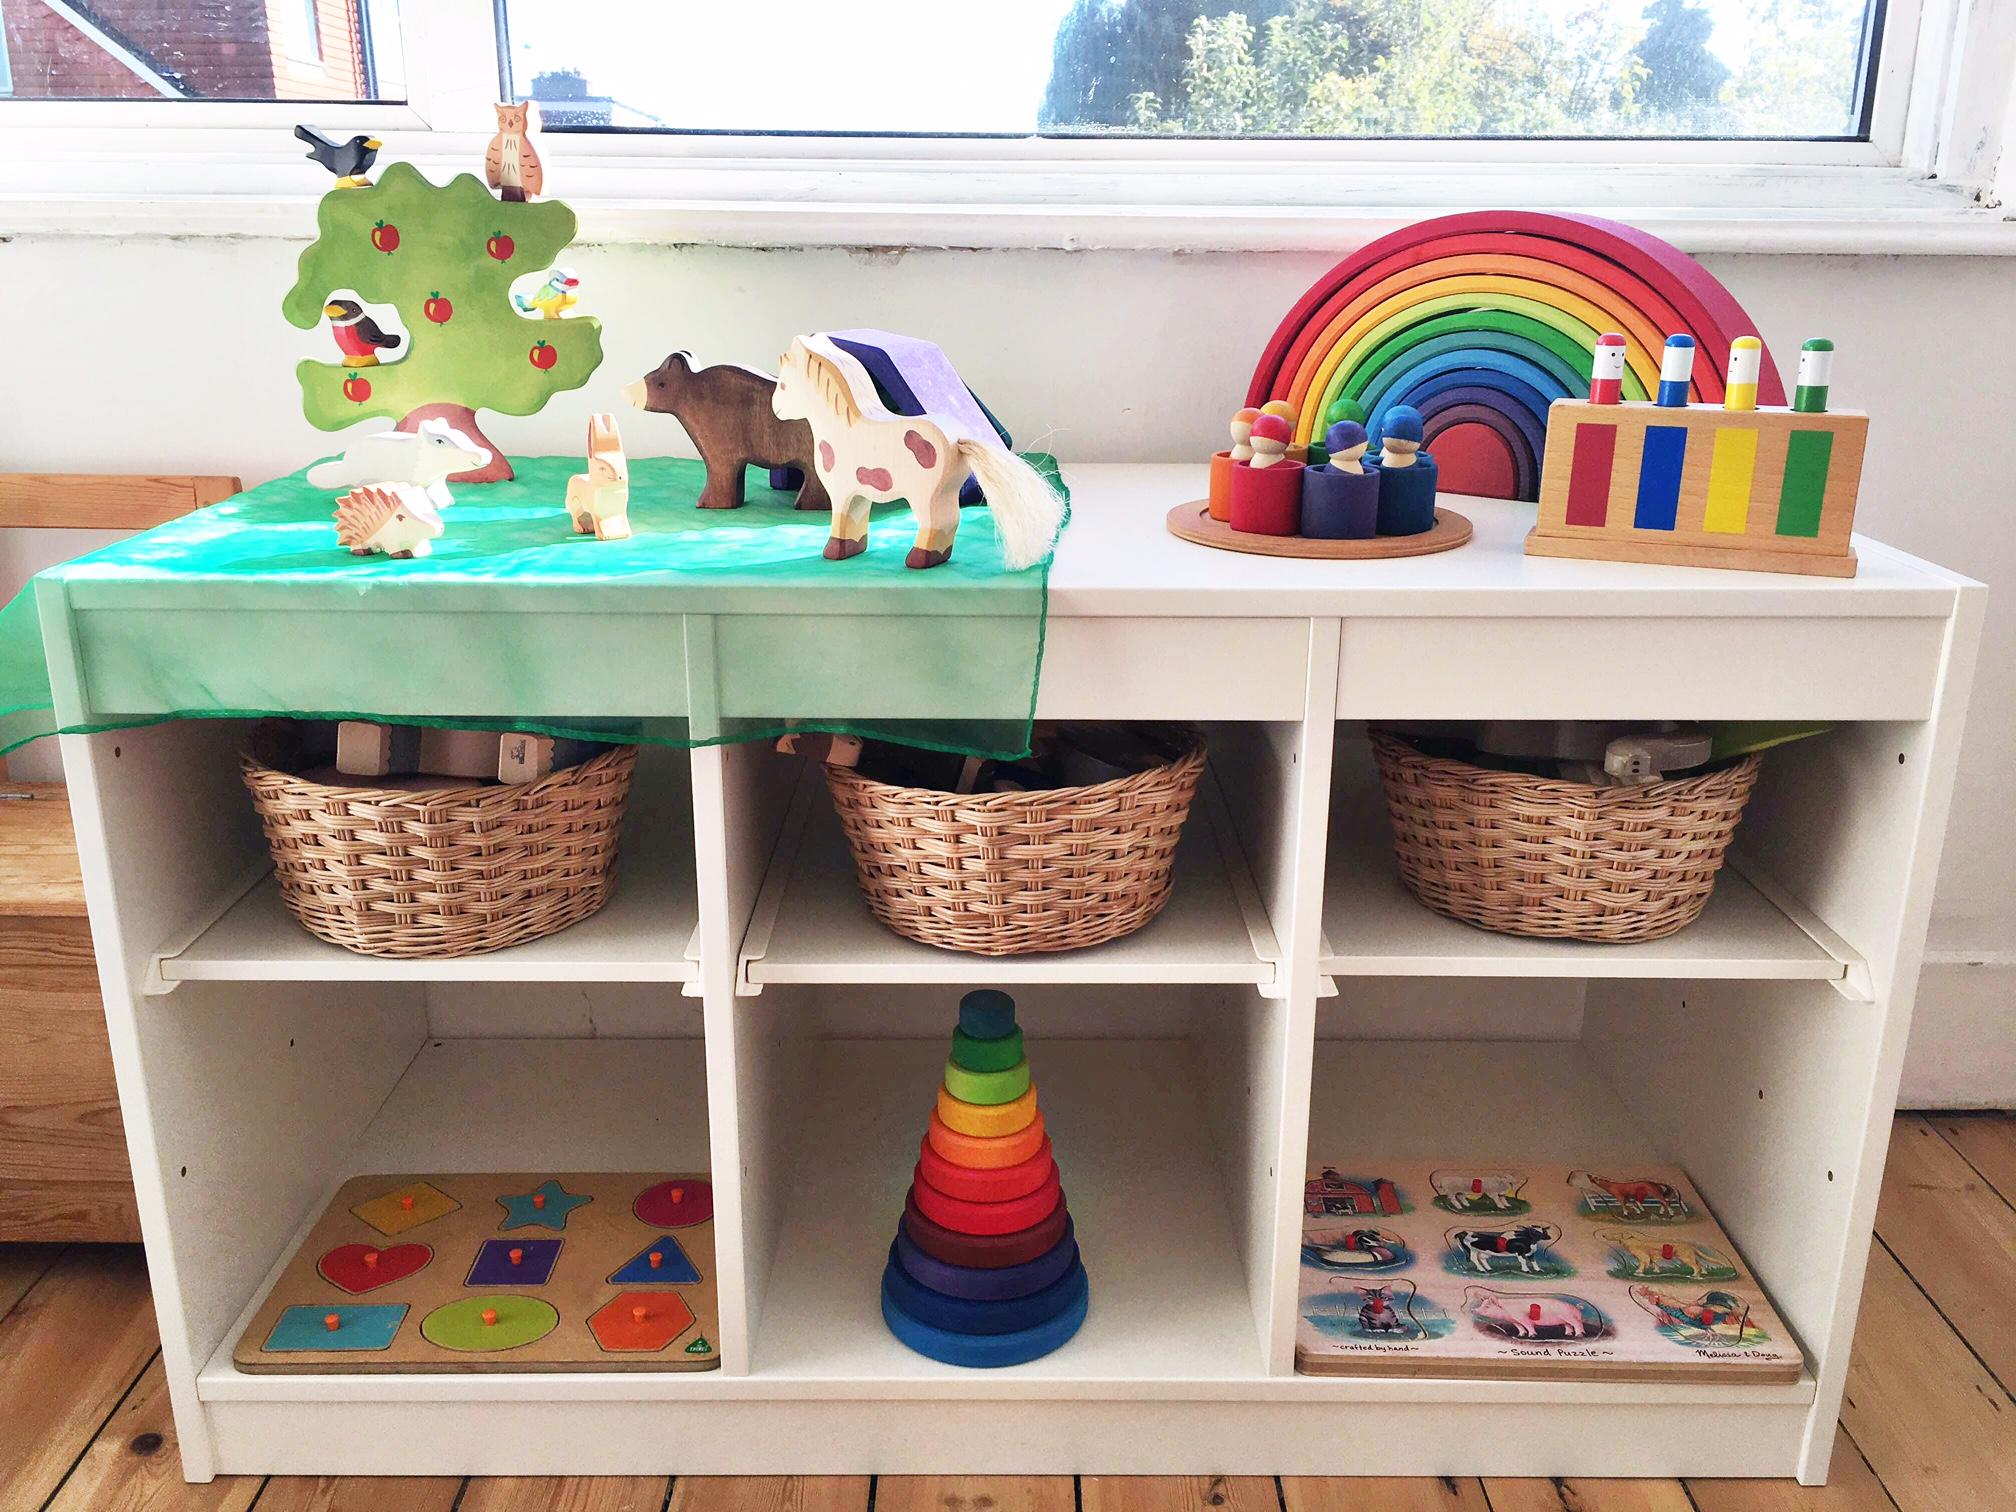 Mobili Portagiochi Per Bambini : Mobili montessori: dove esporre i giochi dei nostri bambini